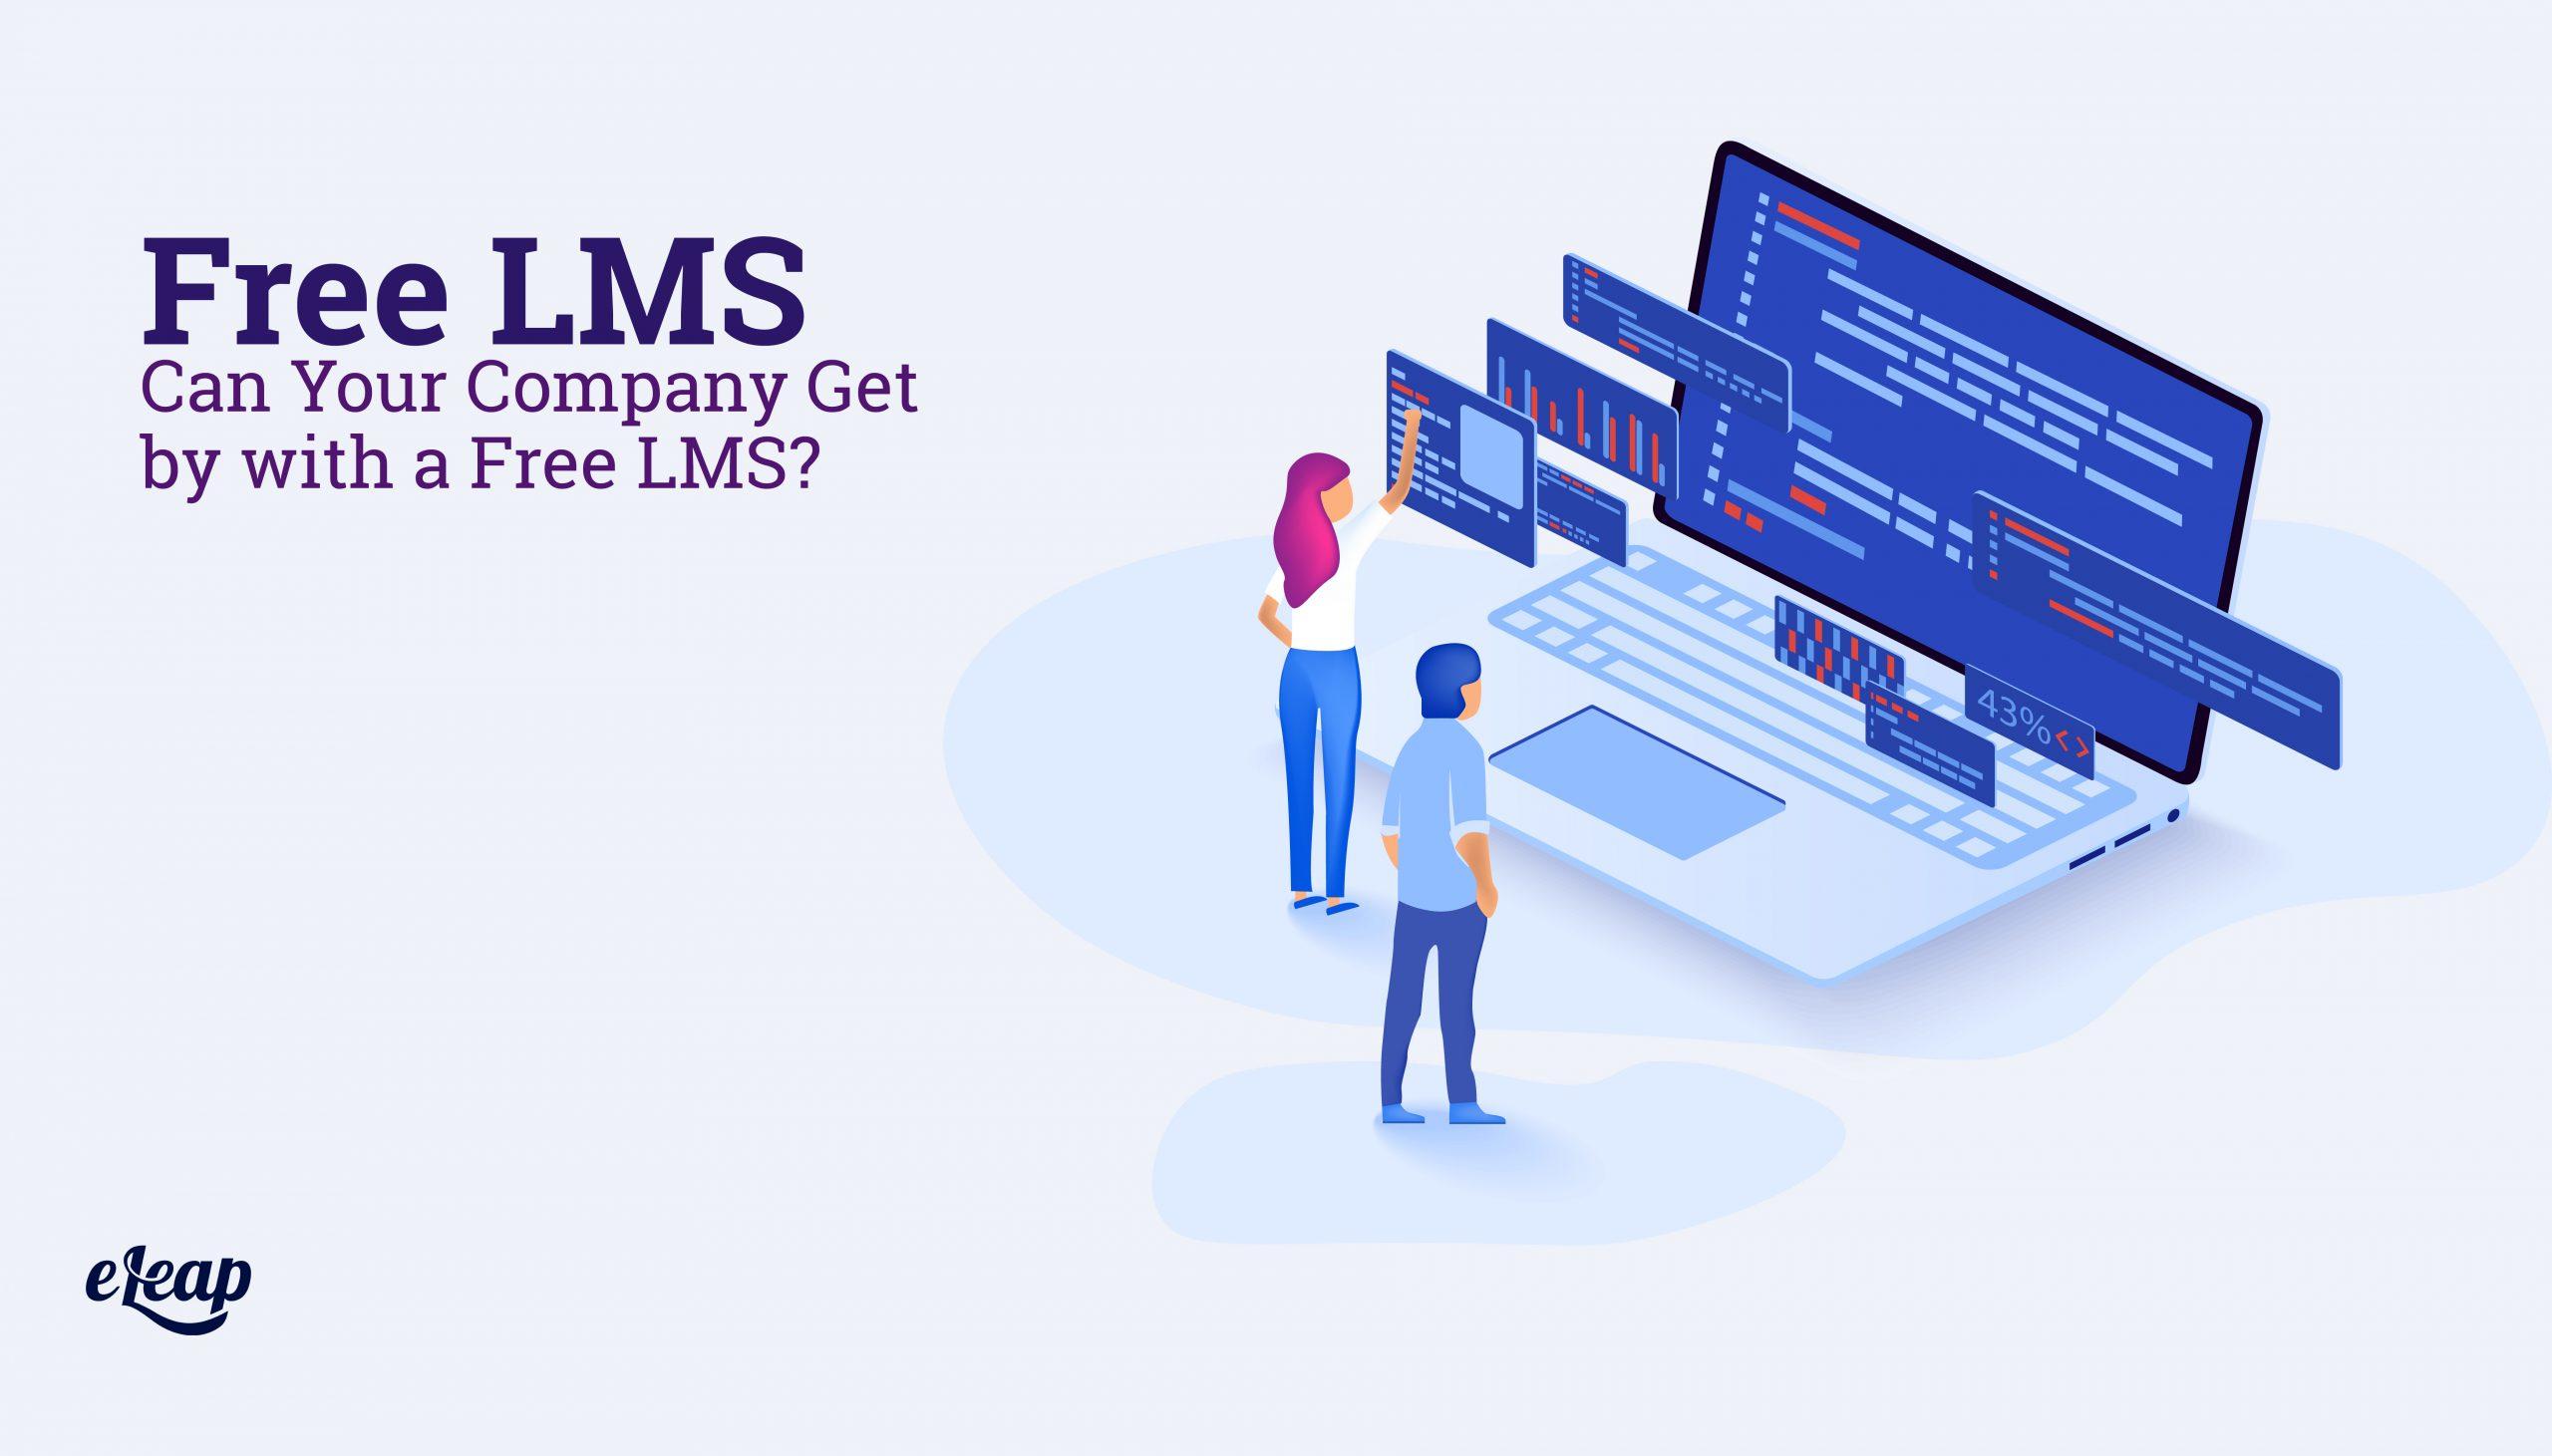 Free LMS